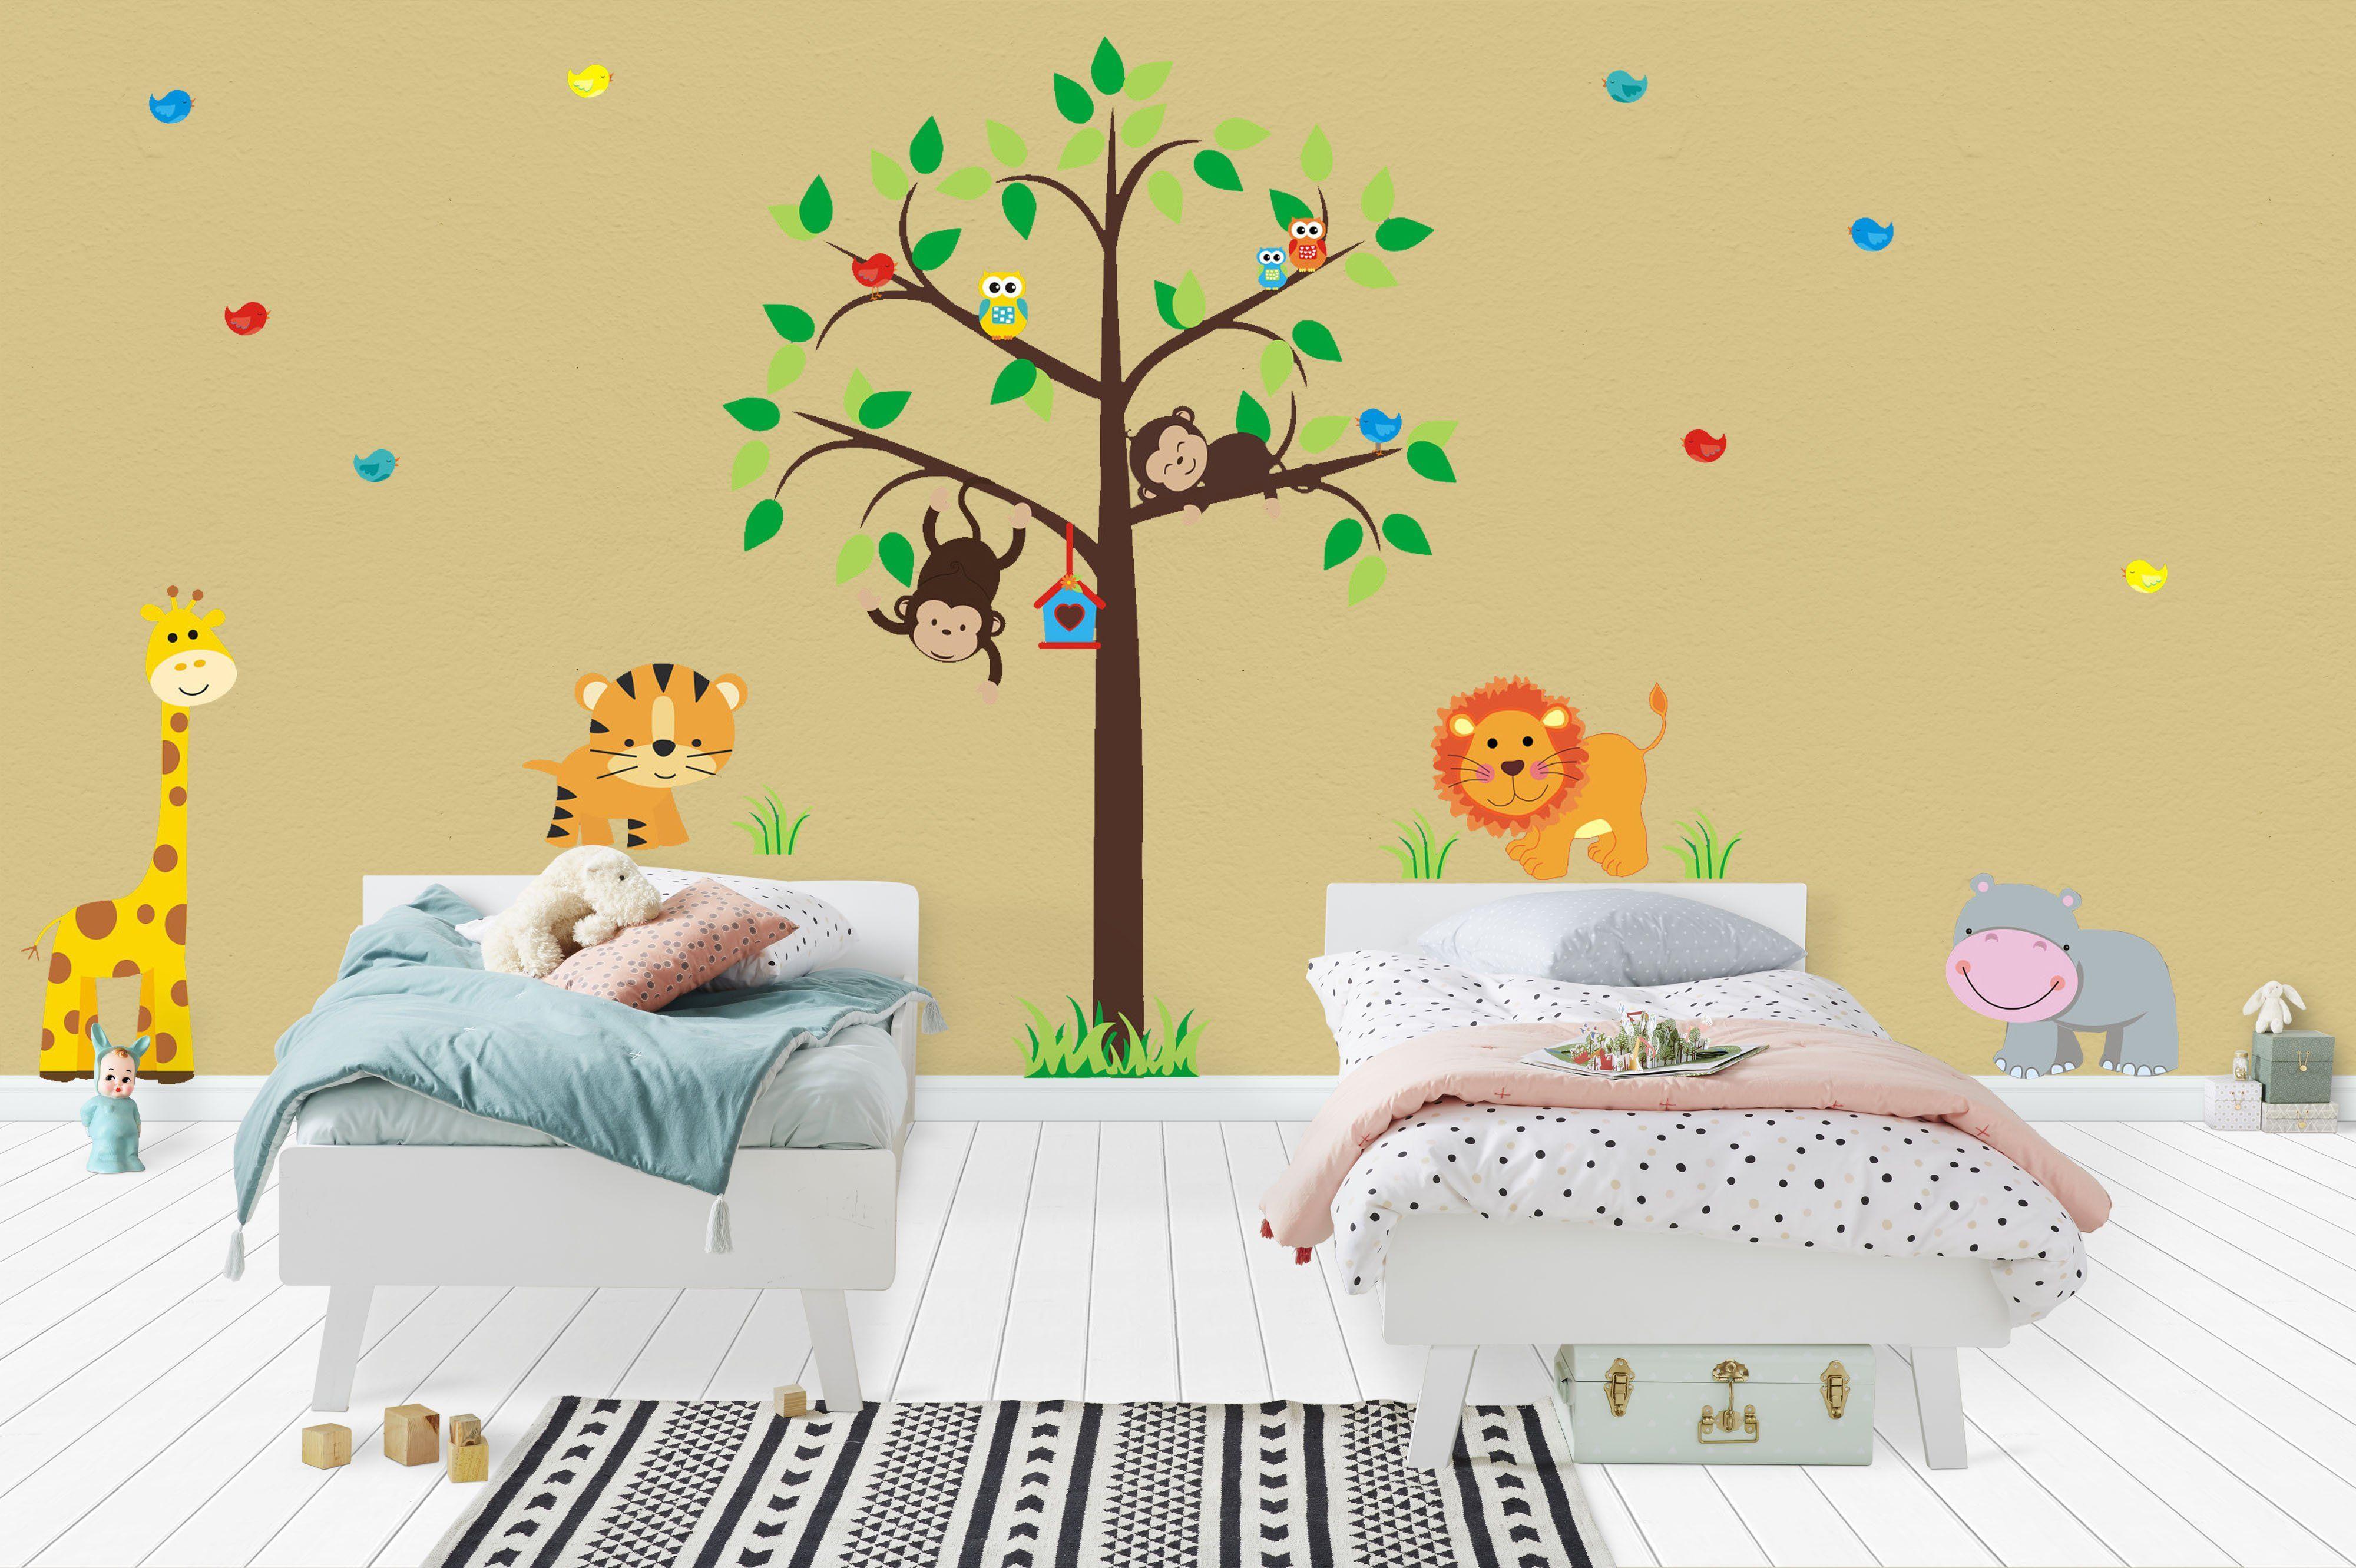 Nursery Wall Decals, Safari Animal Wall Decals, Zoo Animal Wall ...